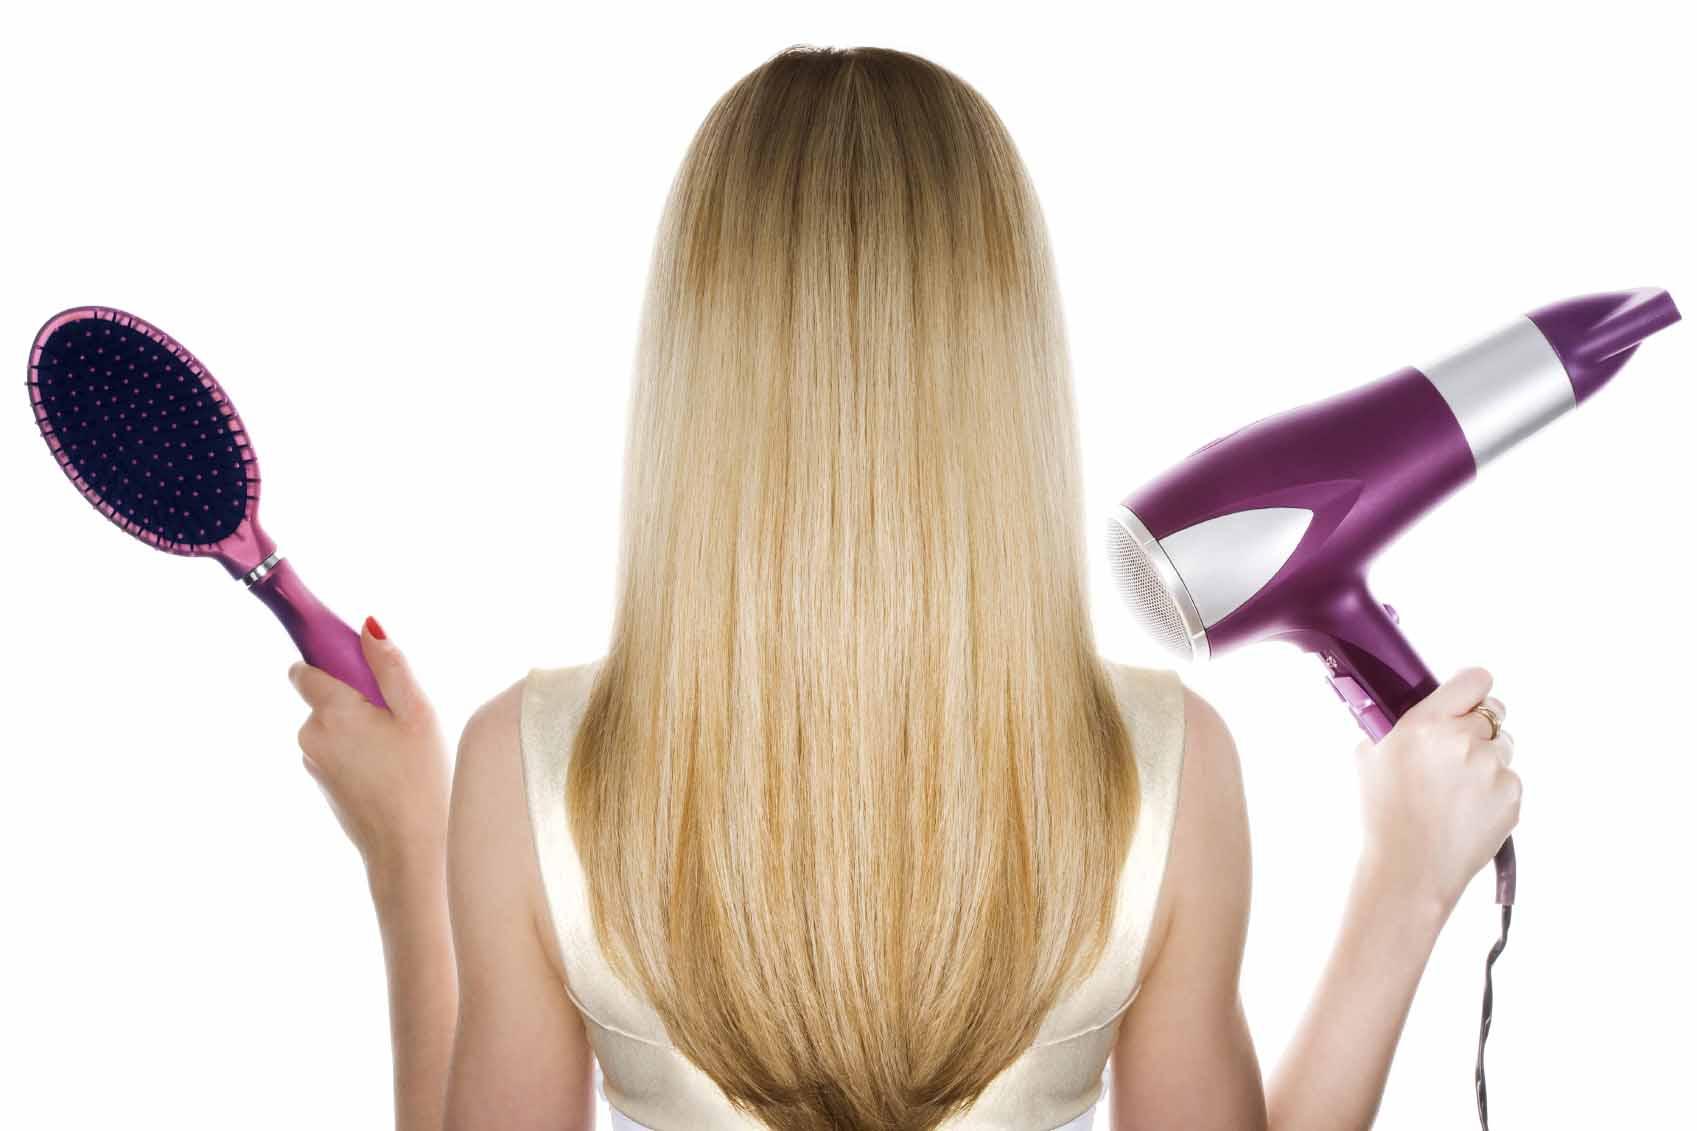 cuidados ao fazer escova adoro perfumes - Cabelo liso: efeito escova de salão